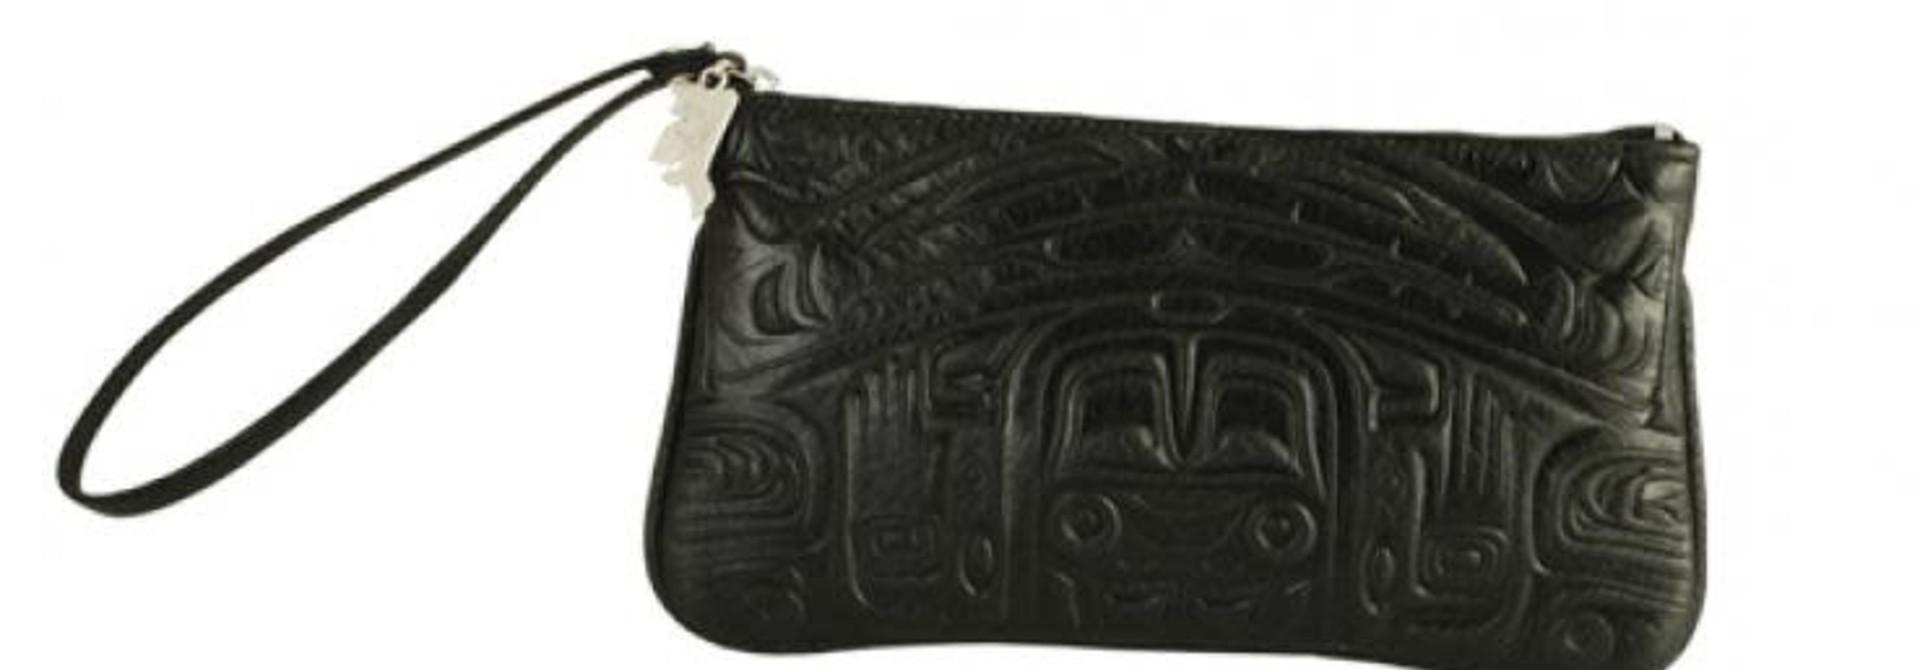 Deerskin Wristlet with Bearbox design - Black